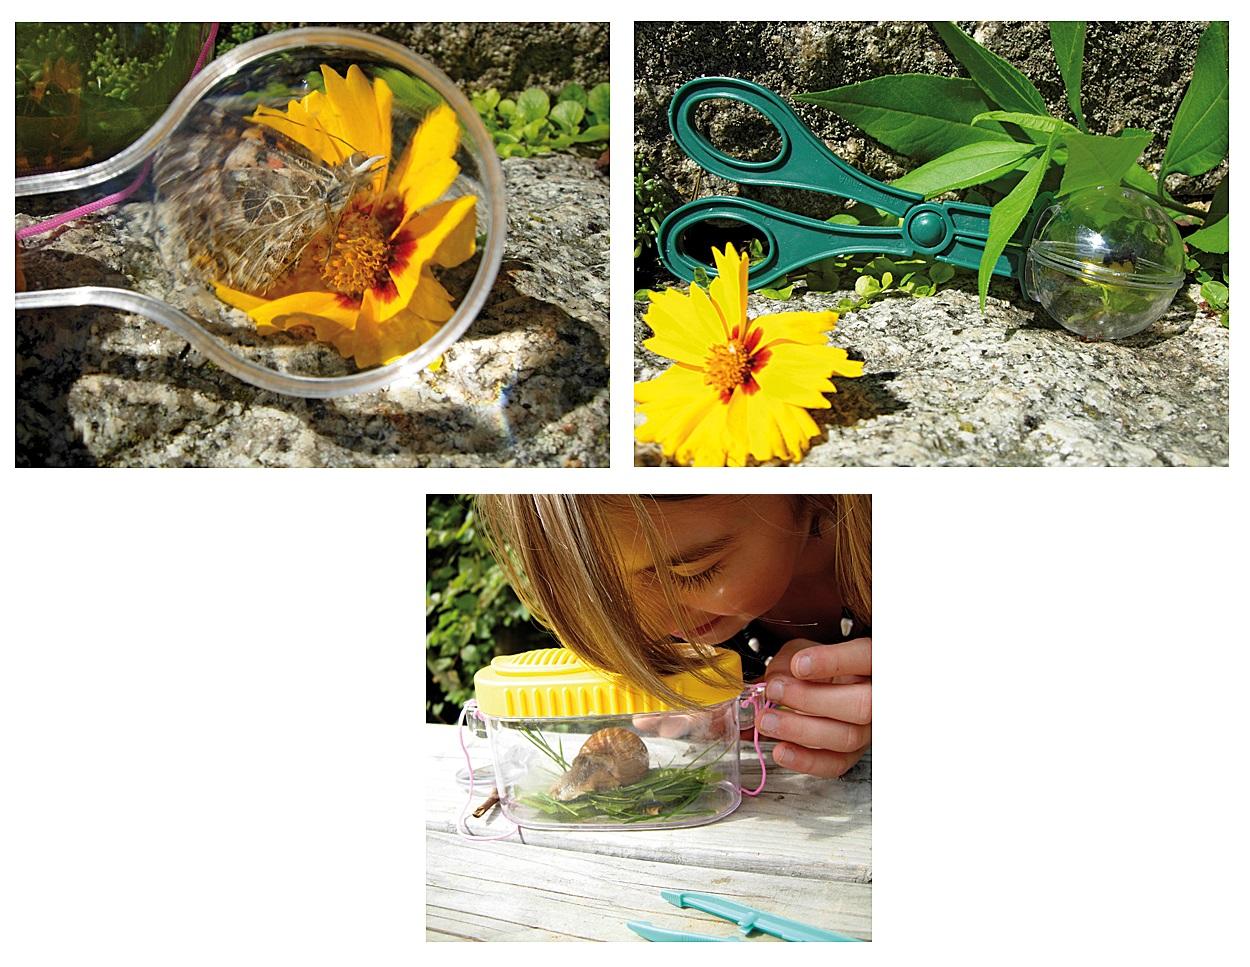 PRO Insekten einfangen Schmetterlinge Schnecken Lupe Frösche beobachten Käfer